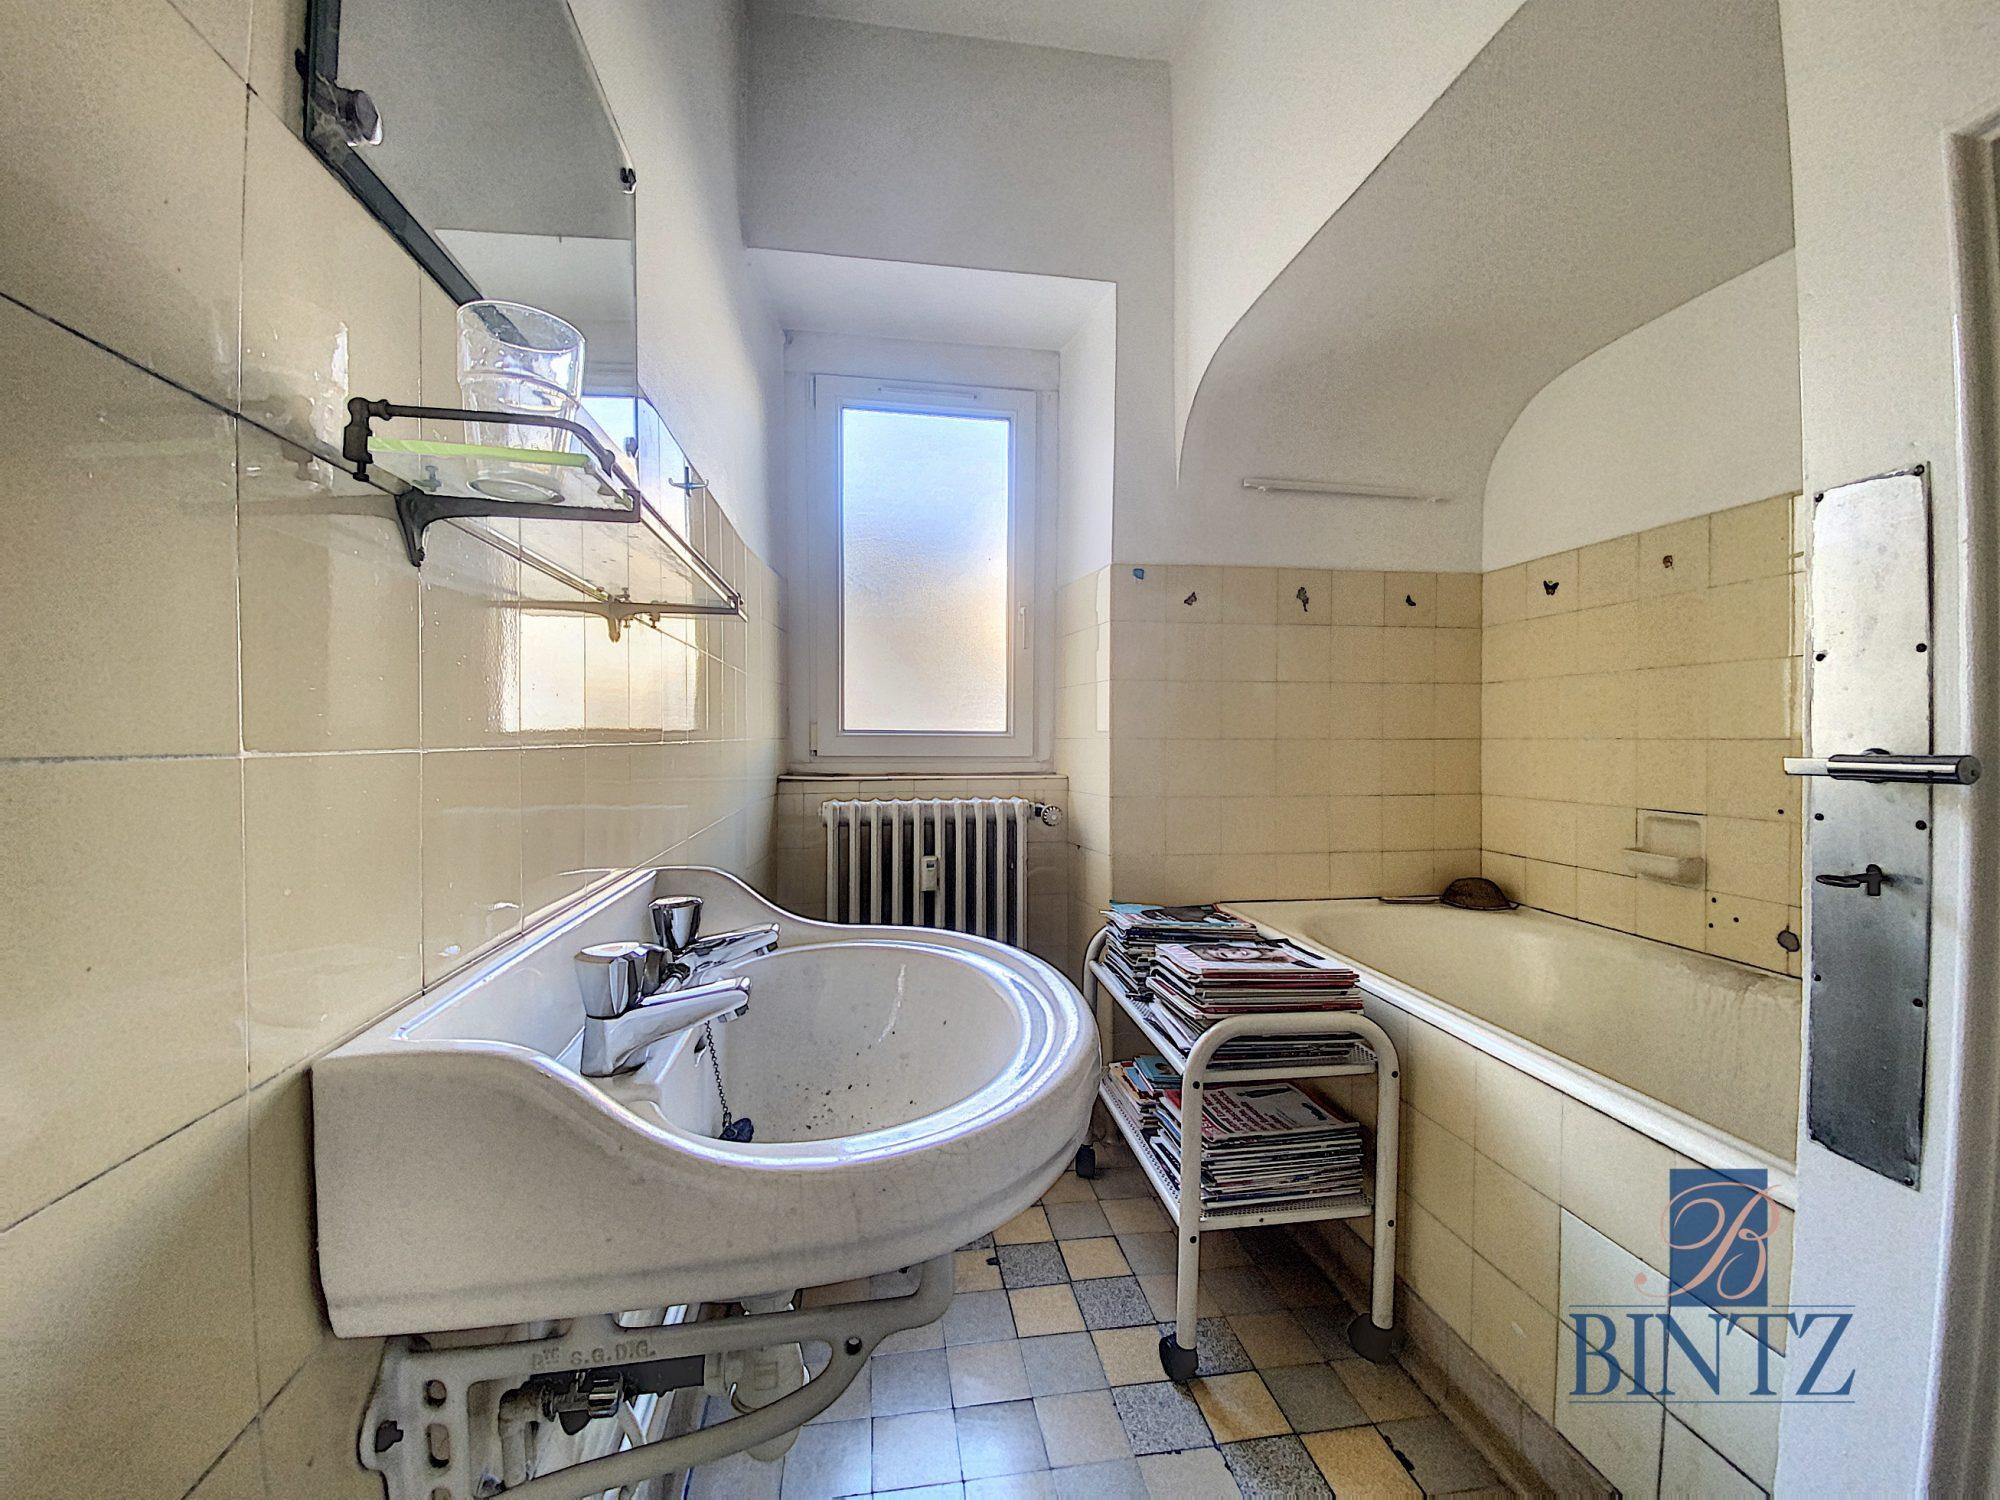 Local professionnel ERP 3 pièces + Salle d'attente - Devenez locataire en toute sérénité - Bintz Immobilier - 8